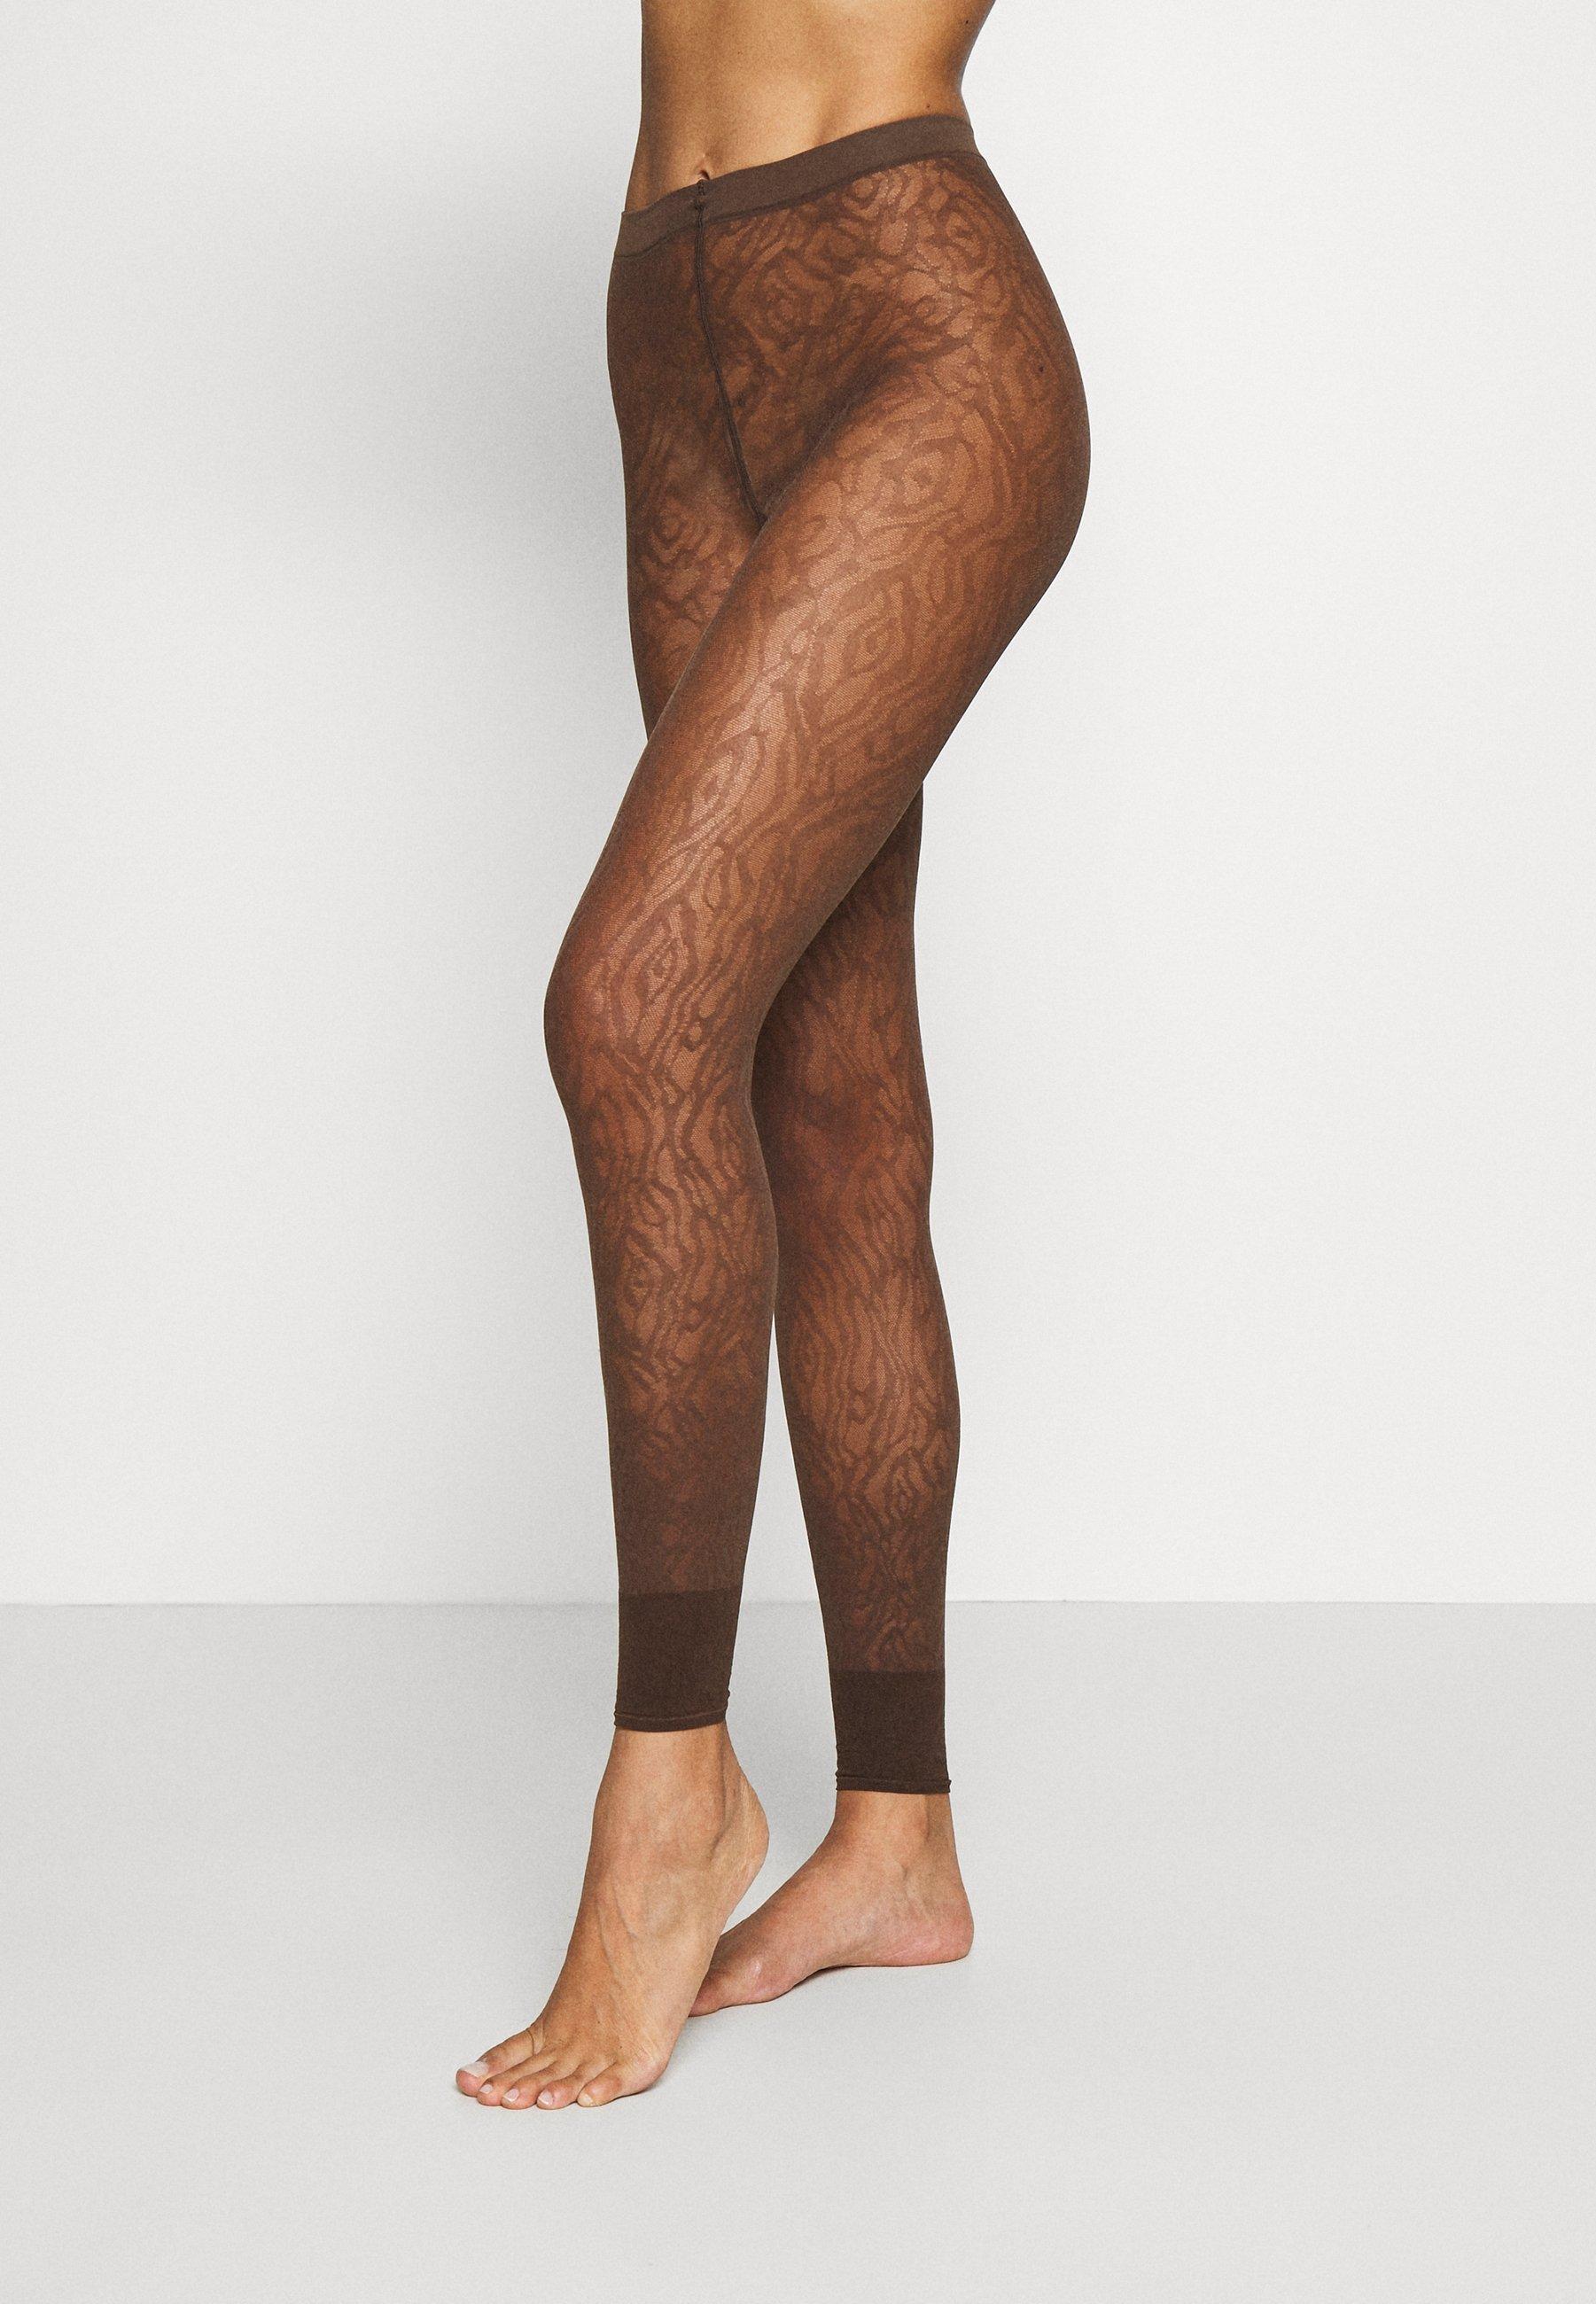 Women FALKE ZEBRA 20 DENIER  LEGGINGS TRANSPARENT FEIN BRAUN - Leggings - Stockings